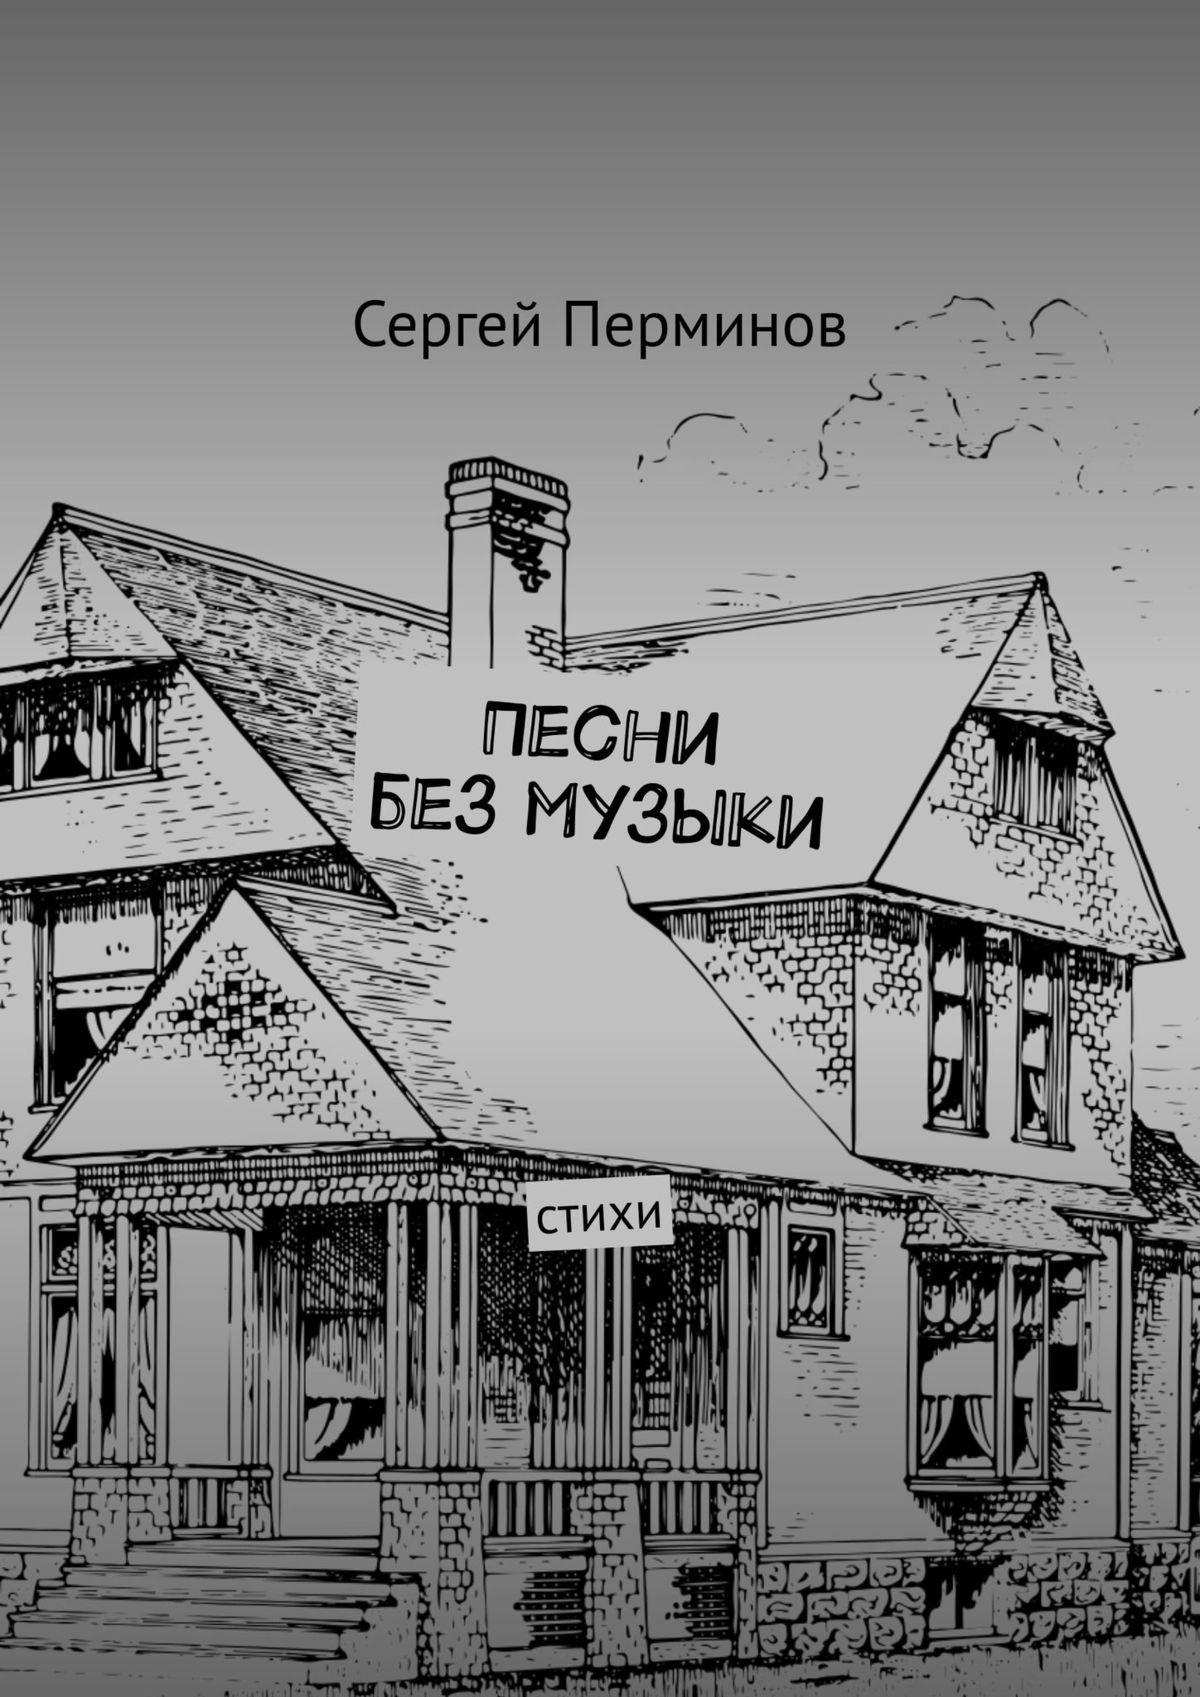 Сергей Перминов. Песни без музыки. Стихи